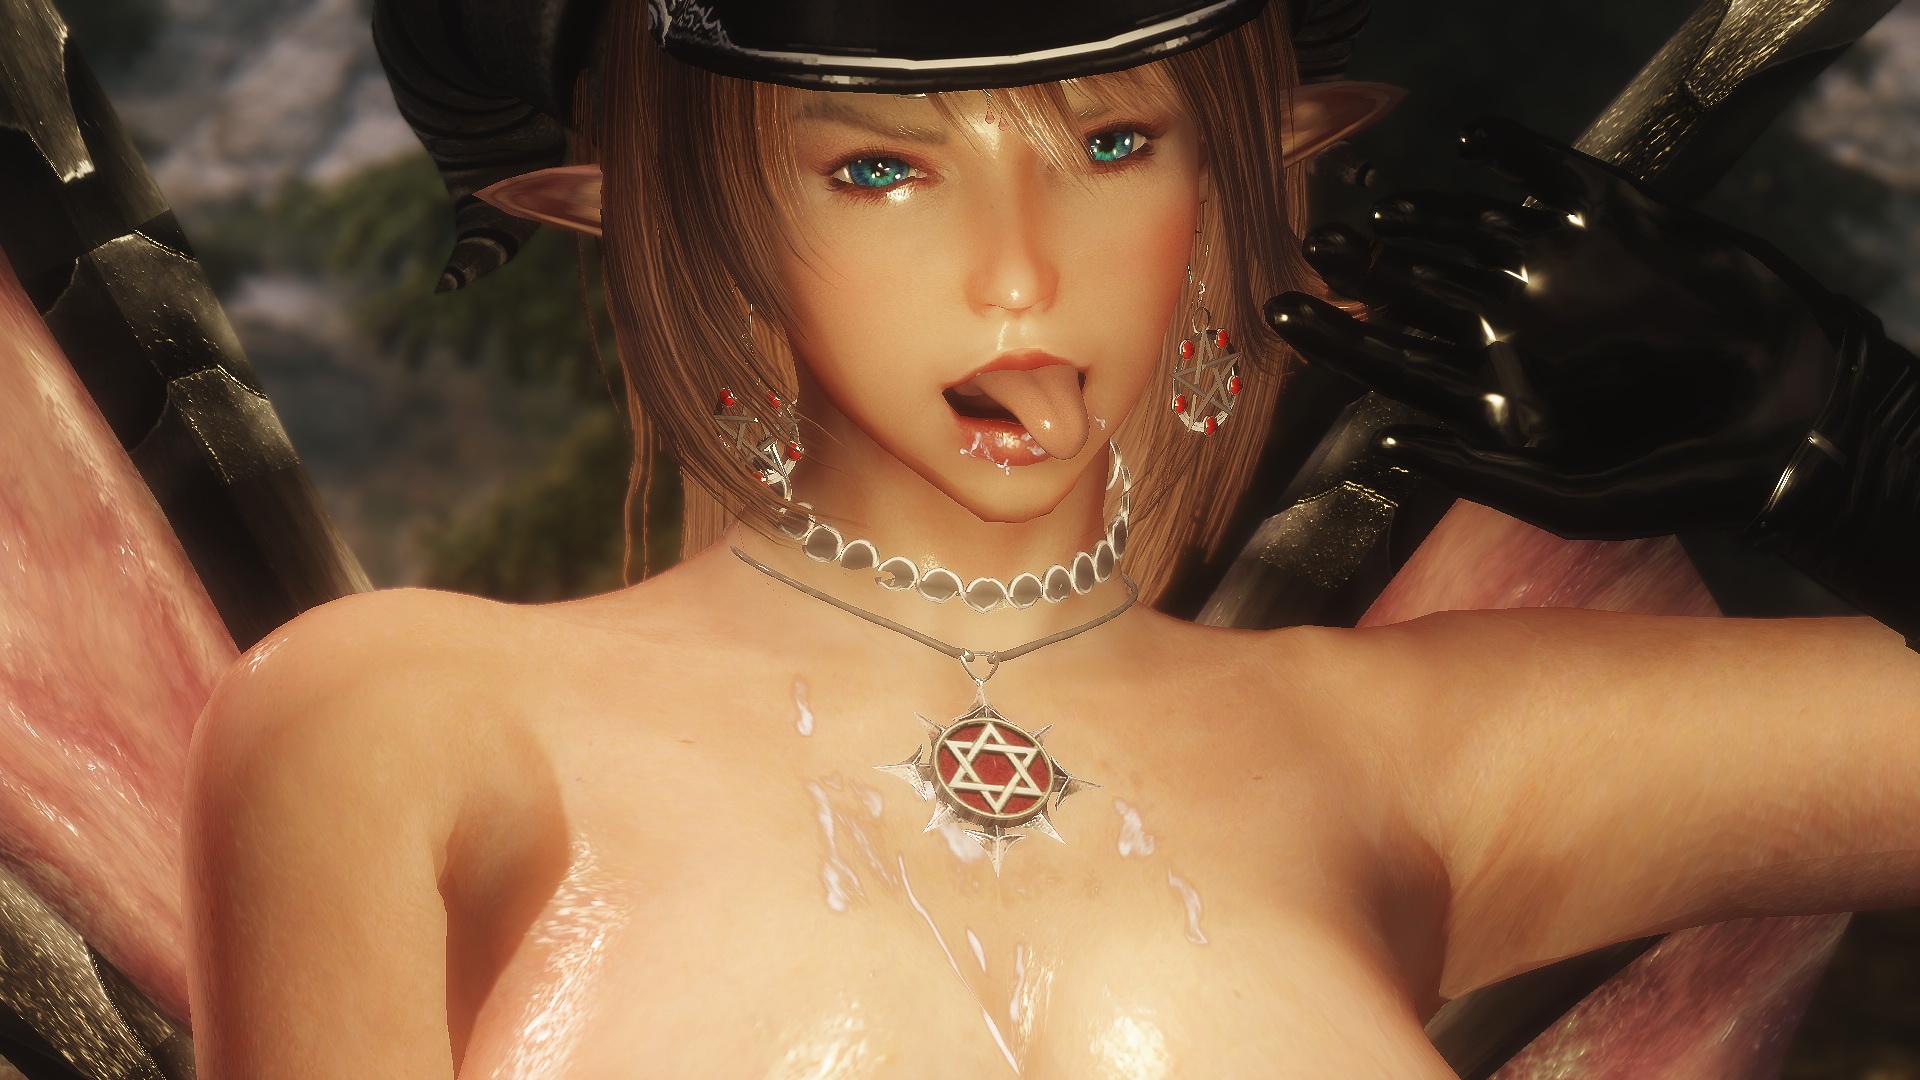 Skyrim succubus boobs porn scenes